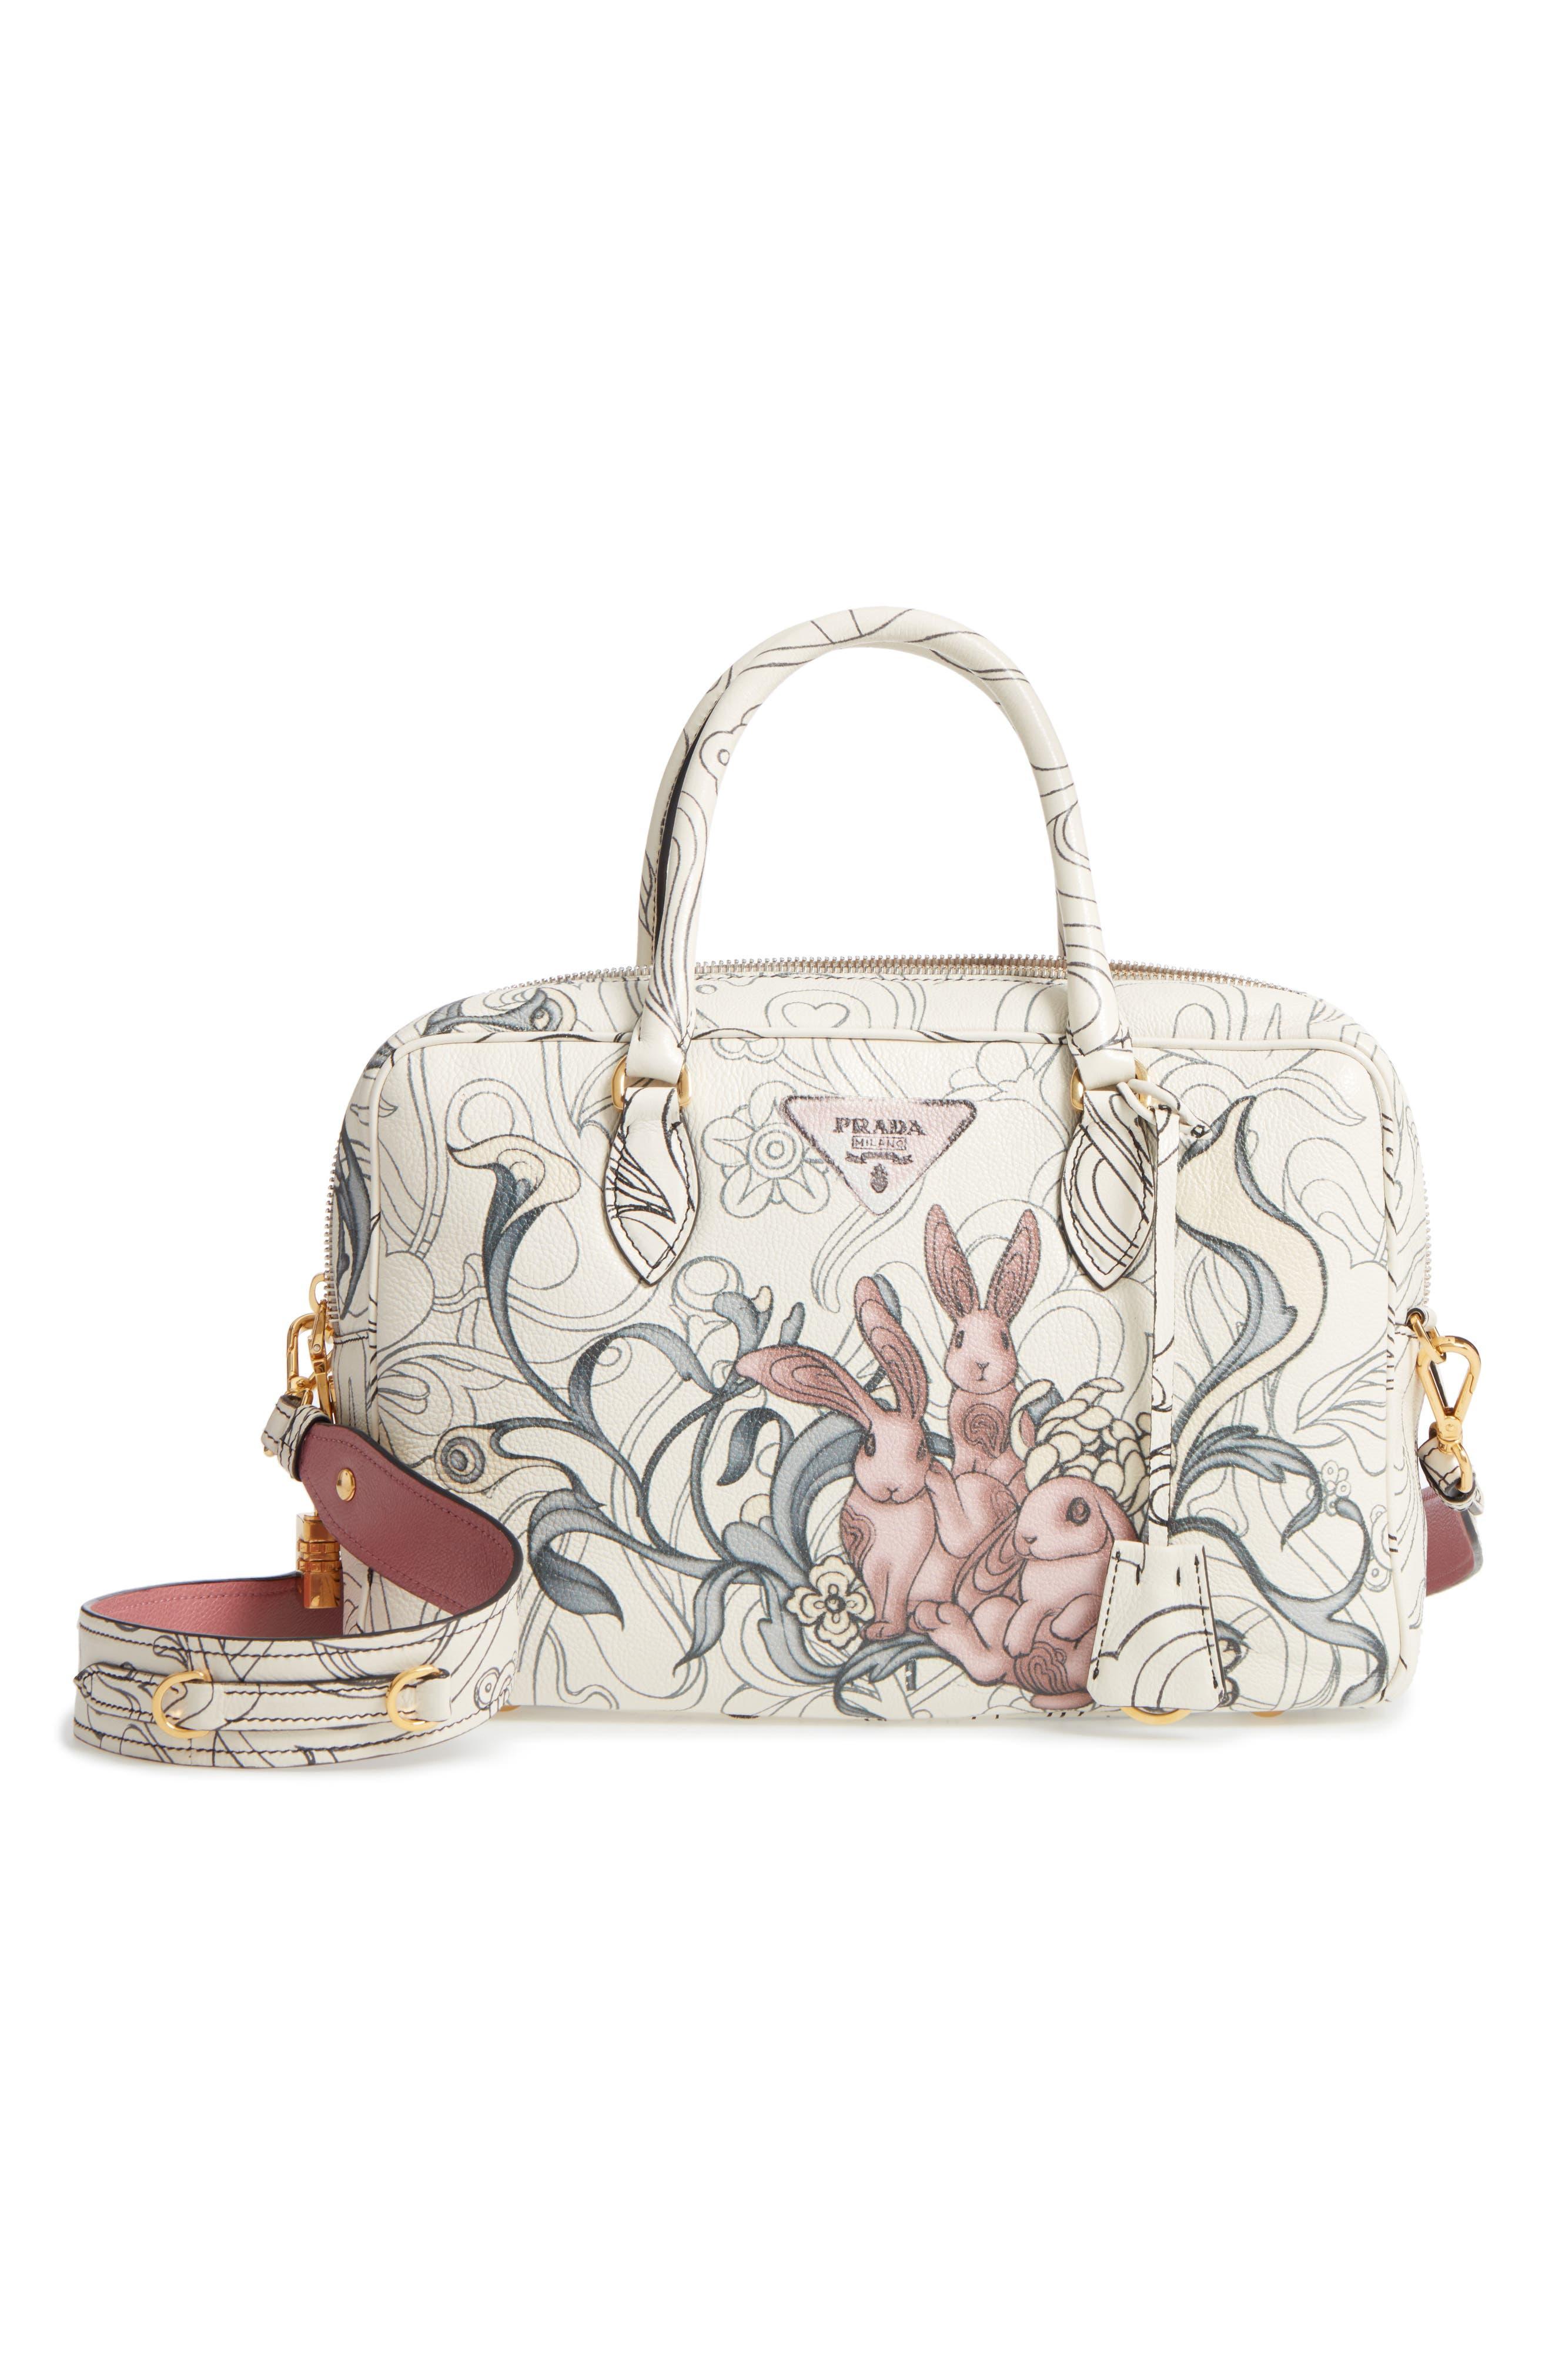 Prada Glace Calfskin Rabbit Bowler Bag